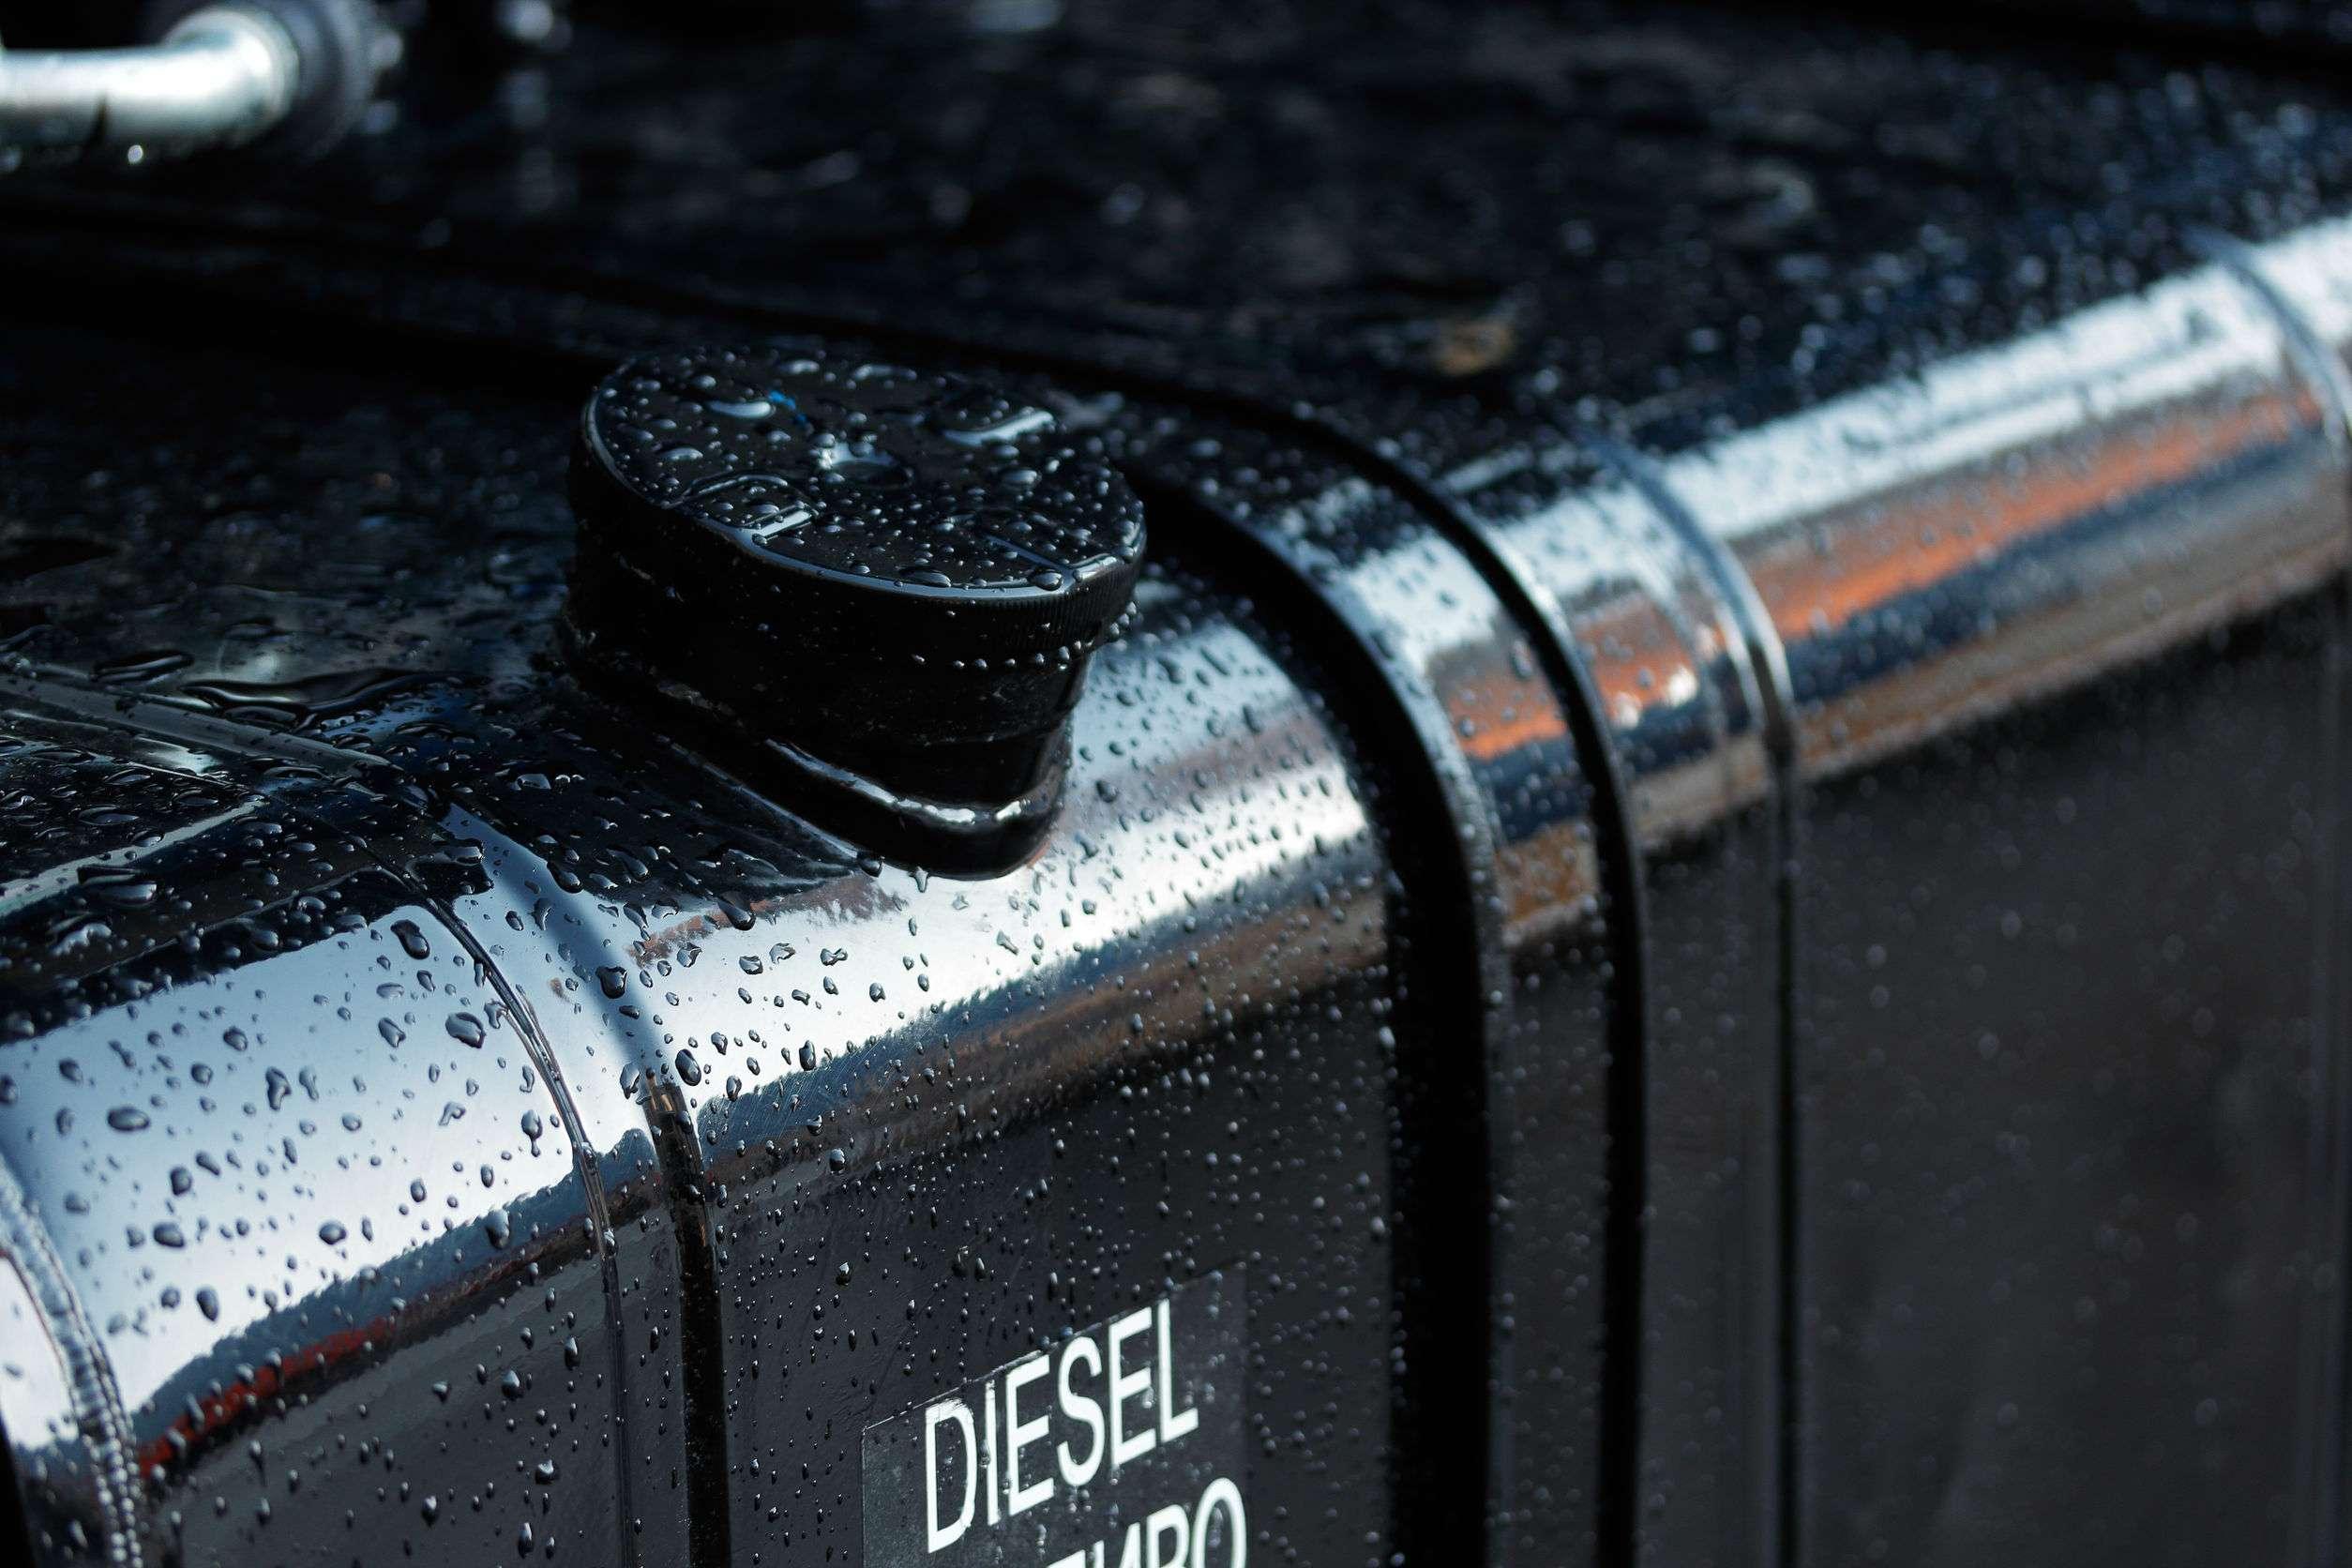 fuel tank of diesel truck Traxgo